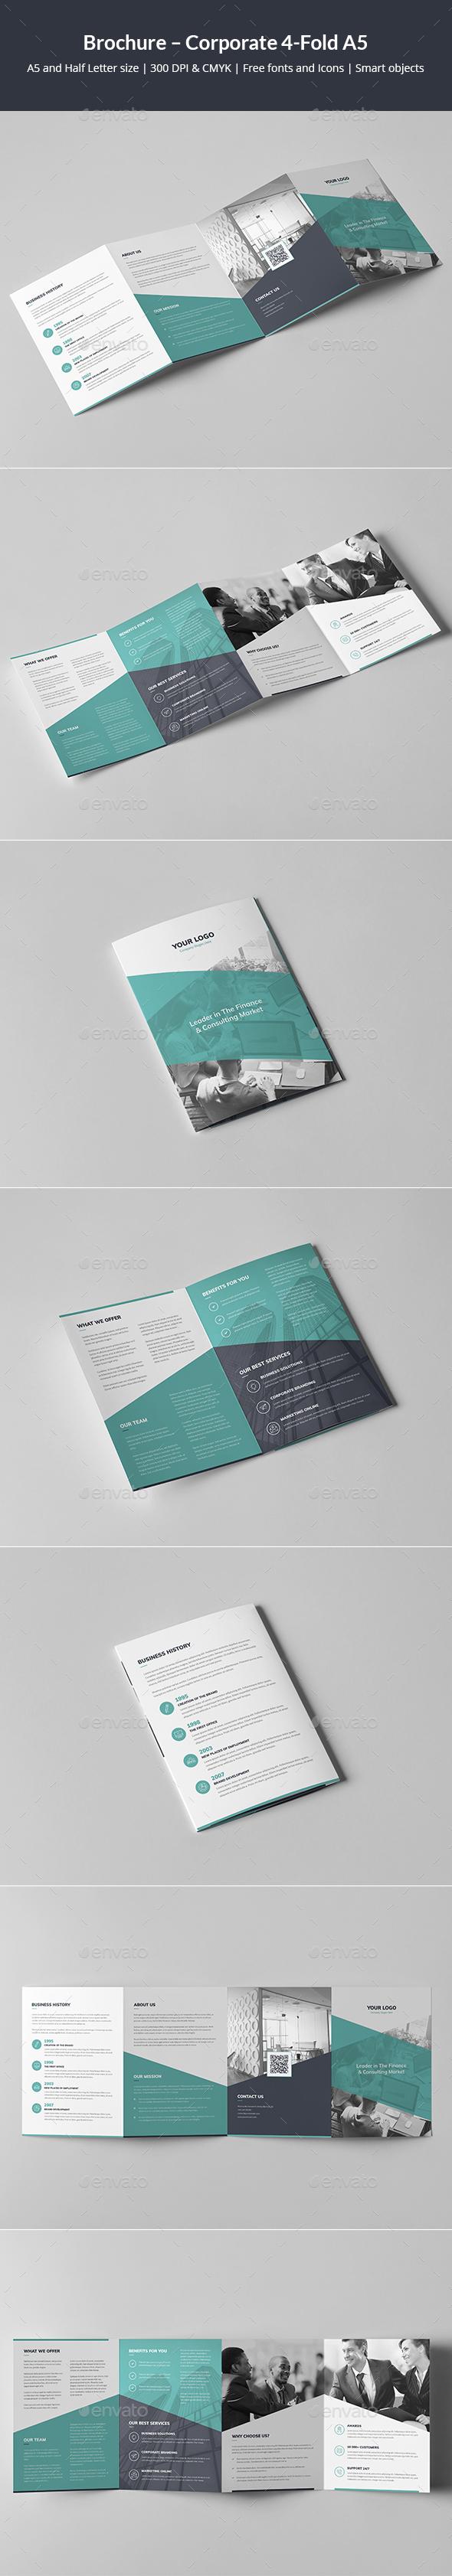 Brochure – Corporate 4-Fold A5 - Corporate Brochures